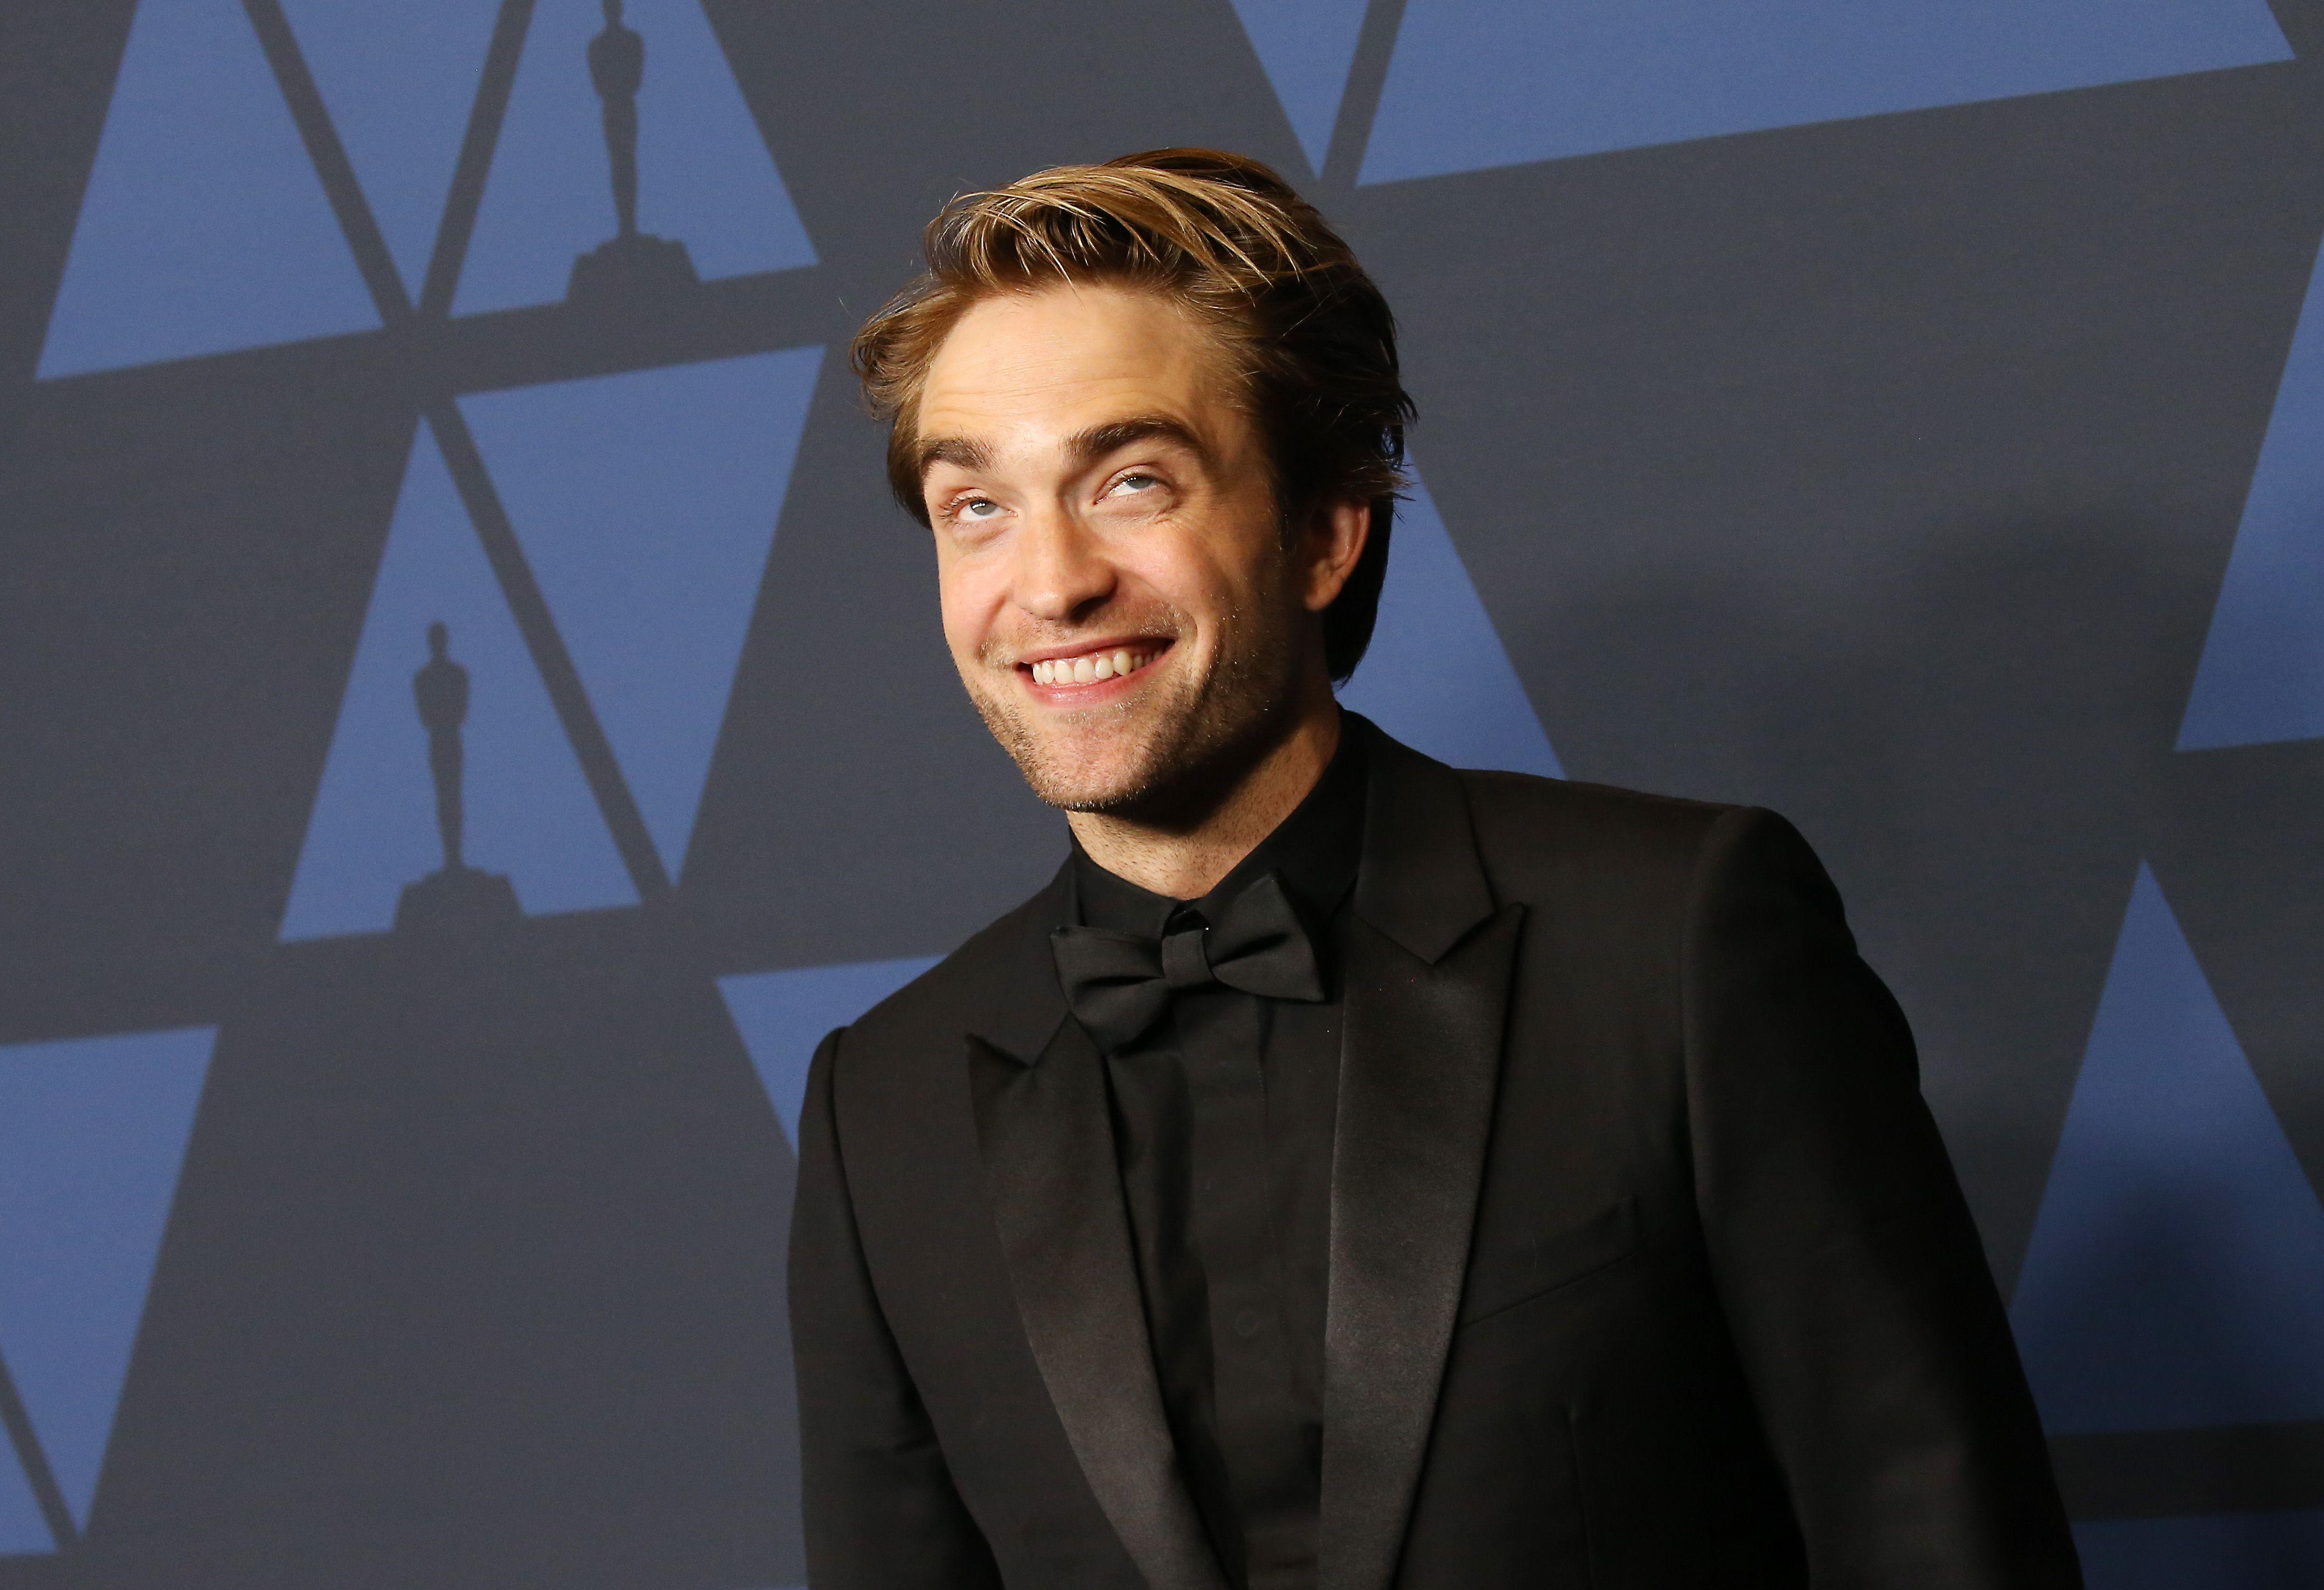 Robert Pattinson Just Keeps Saying Weird Sh*t in Interviews